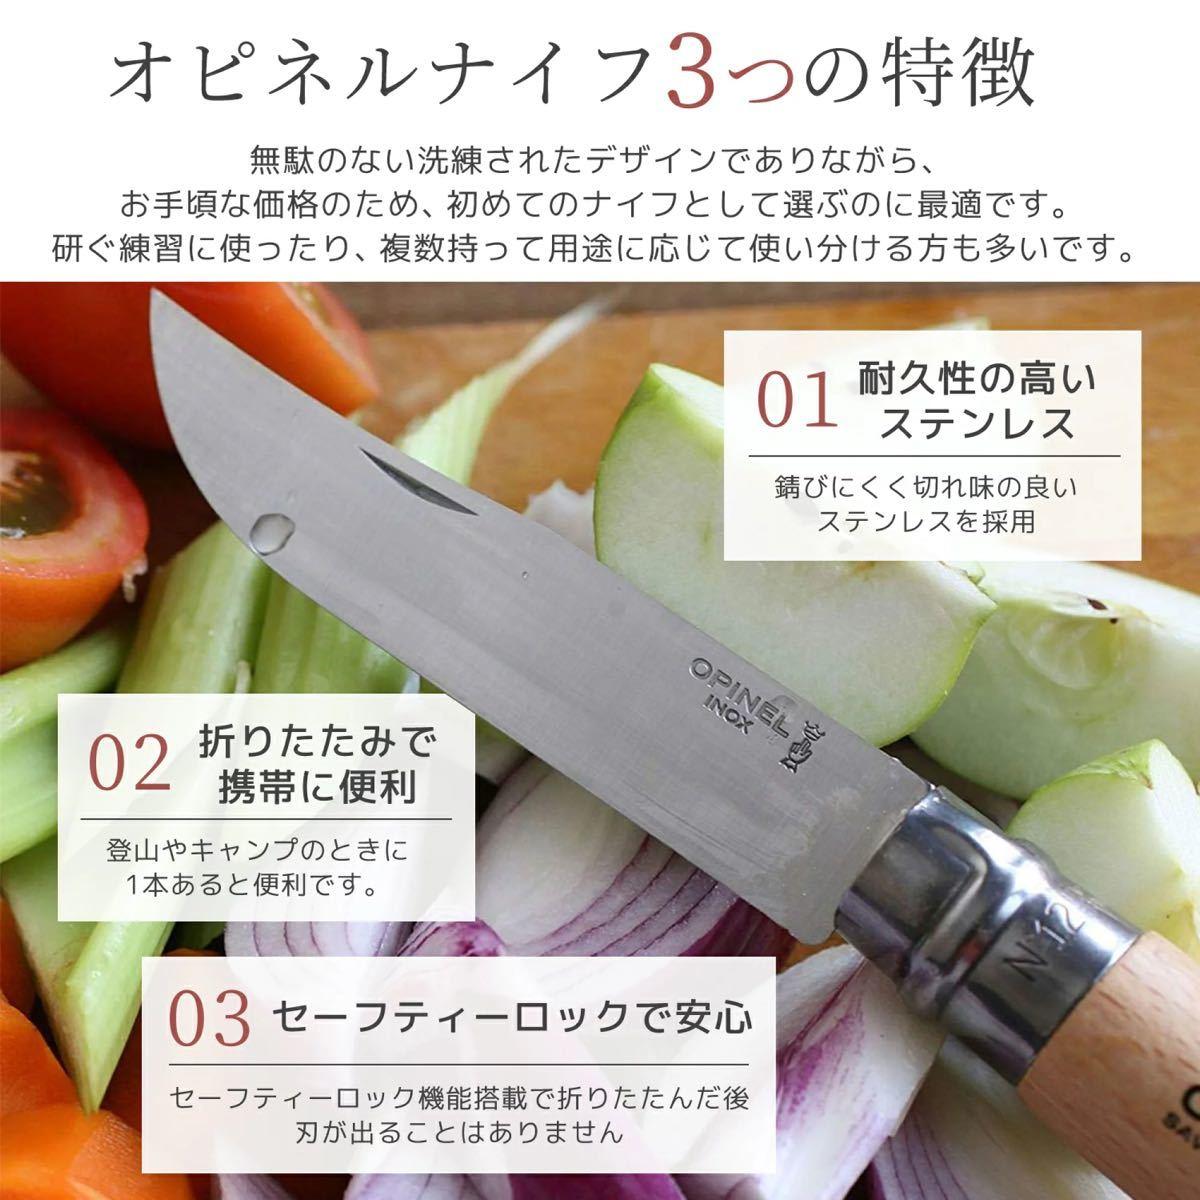 オピネルナイフ #9 9cm  新品 ソロキャンプに オススメ OPINEL